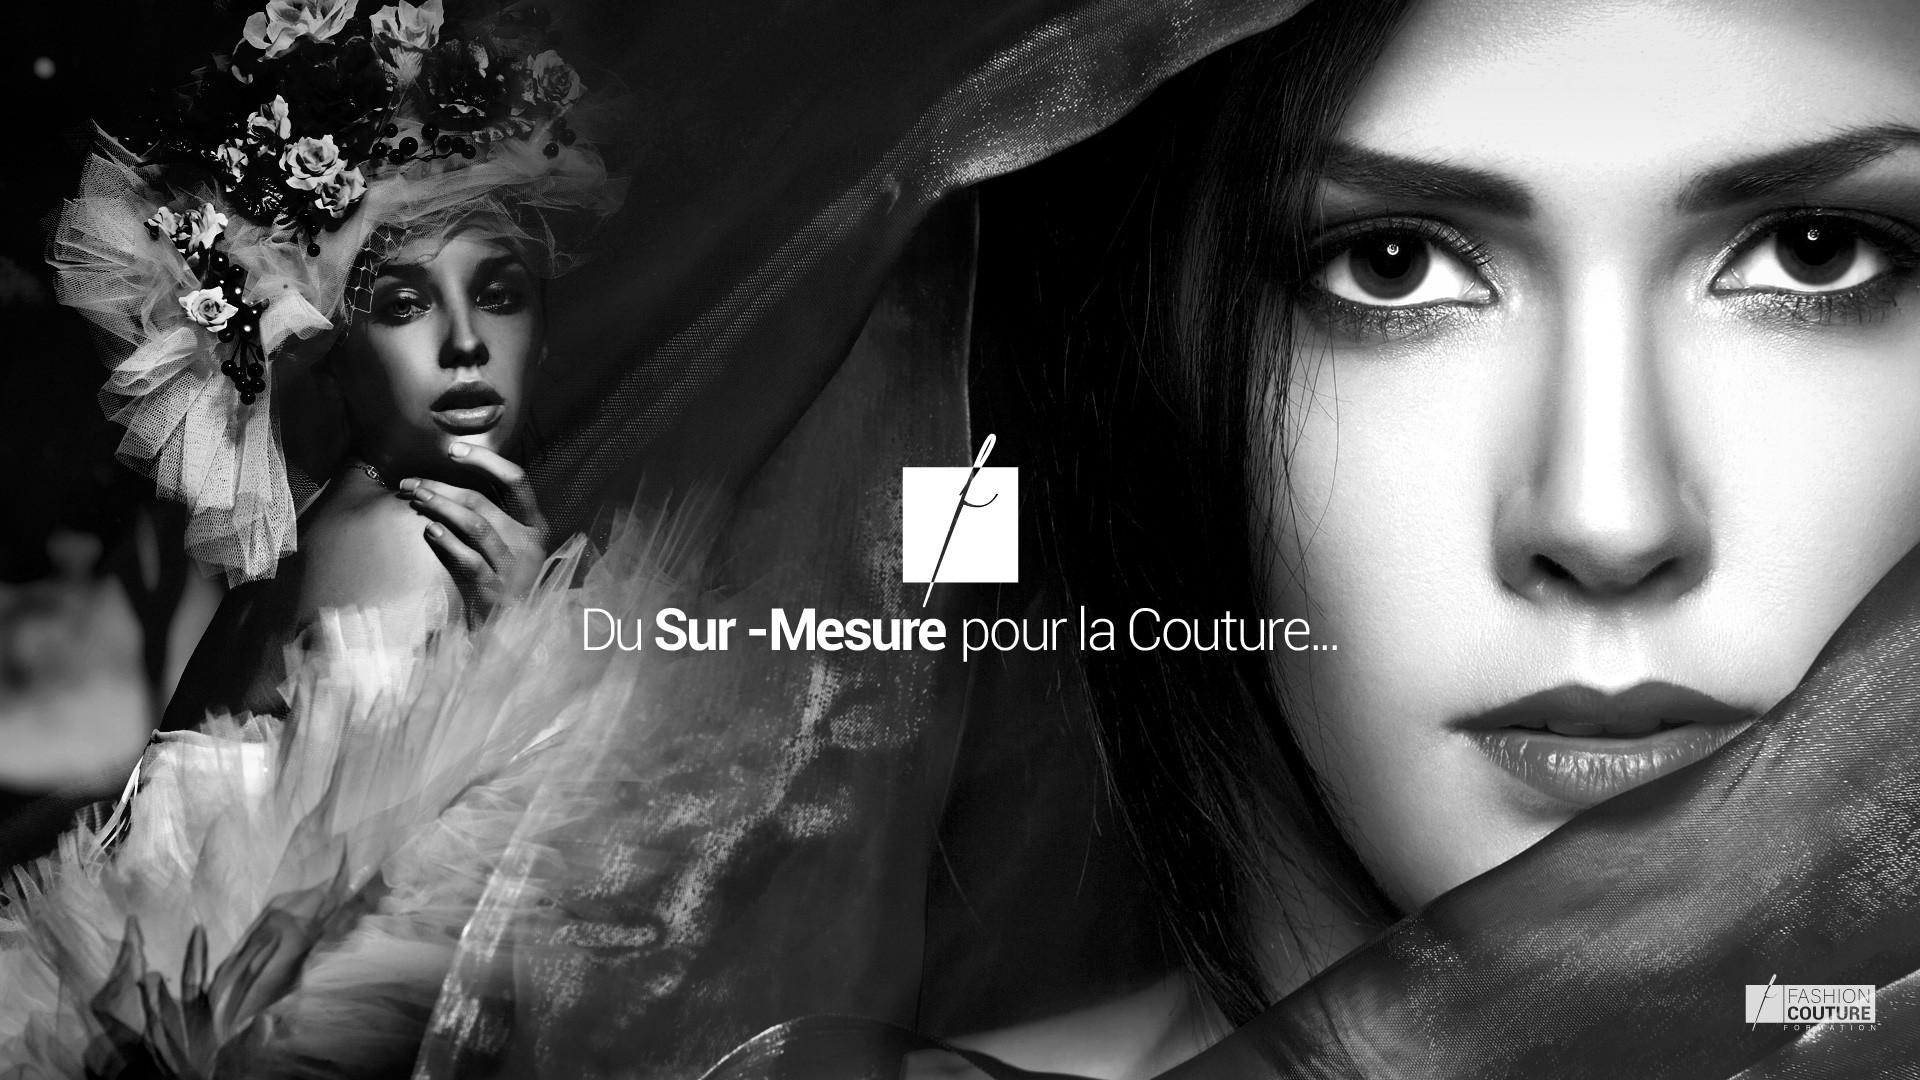 Du Sur-Mesure pour la Couture...